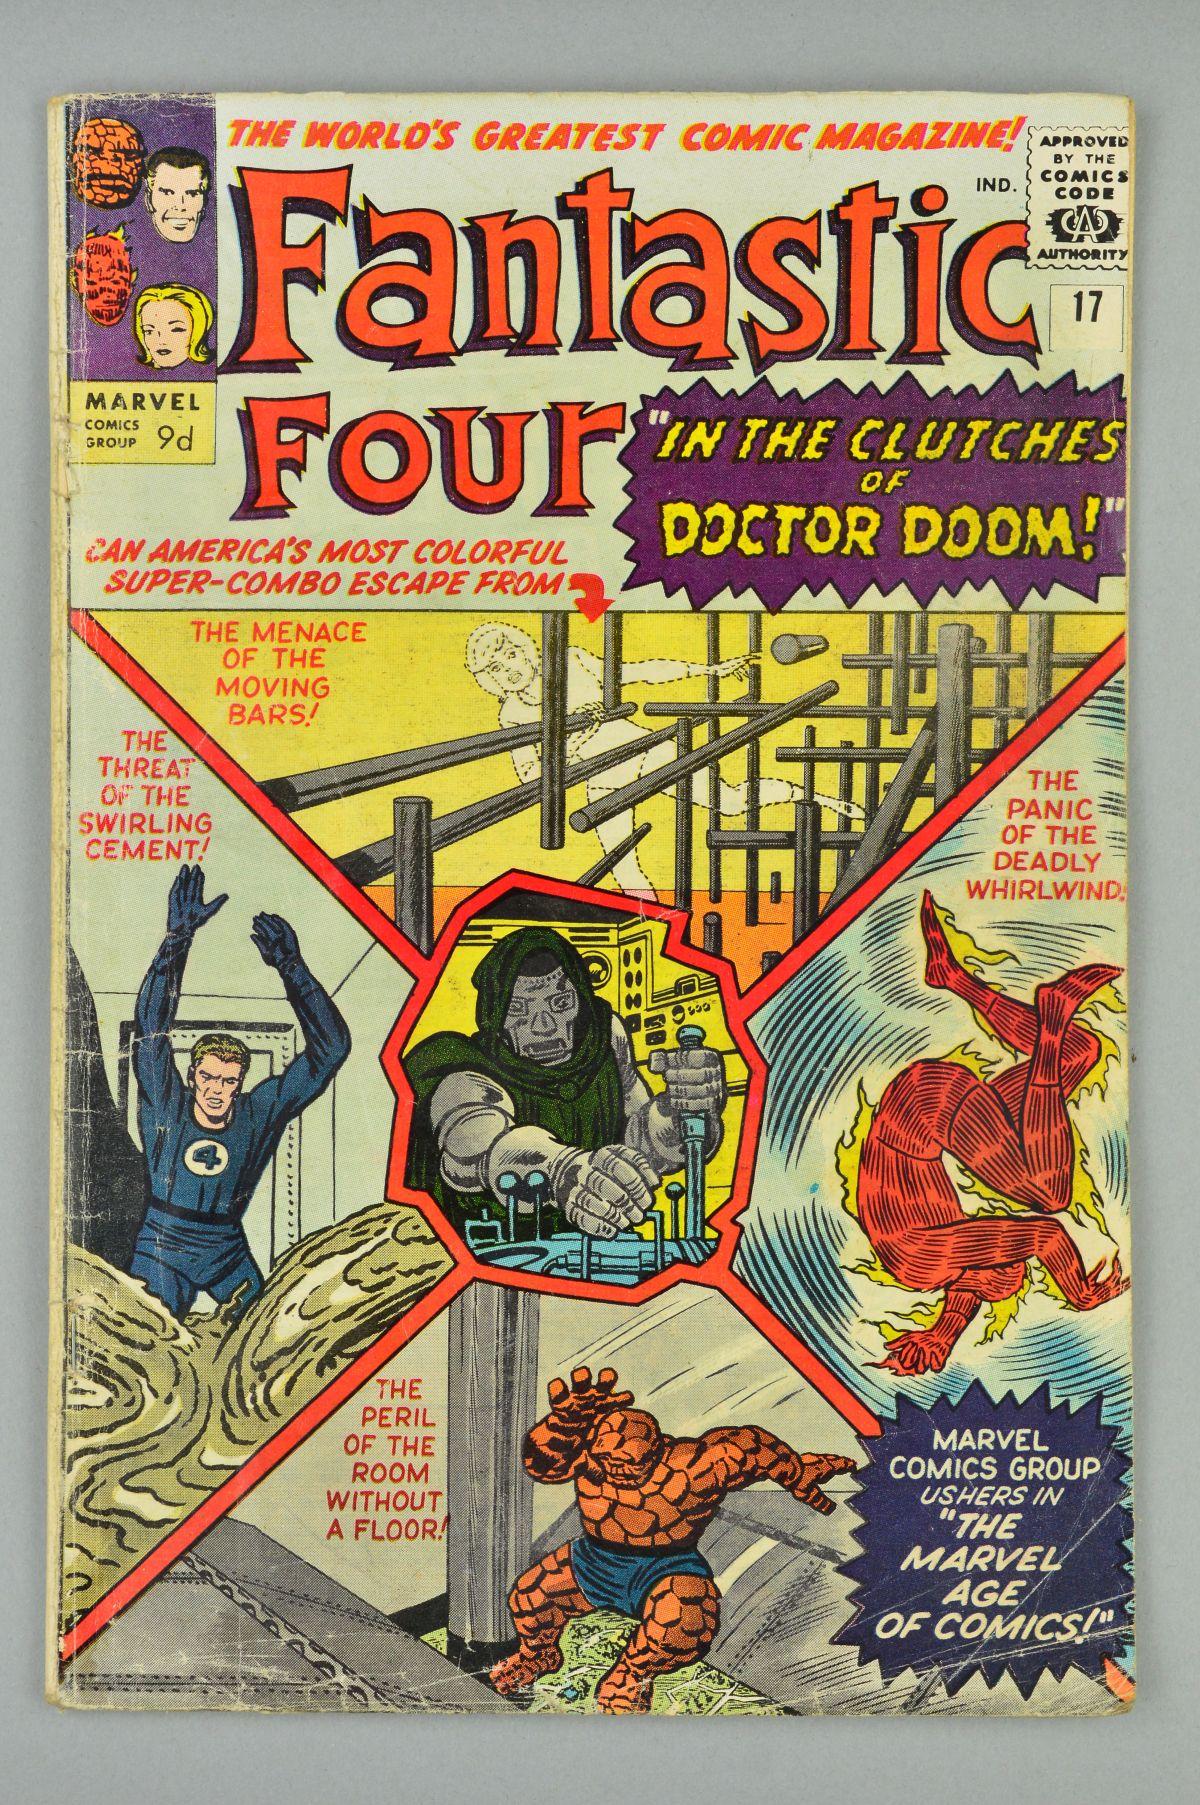 Lot 1817 - Fantastic Four (1961) #17, Published:August 10, 1963